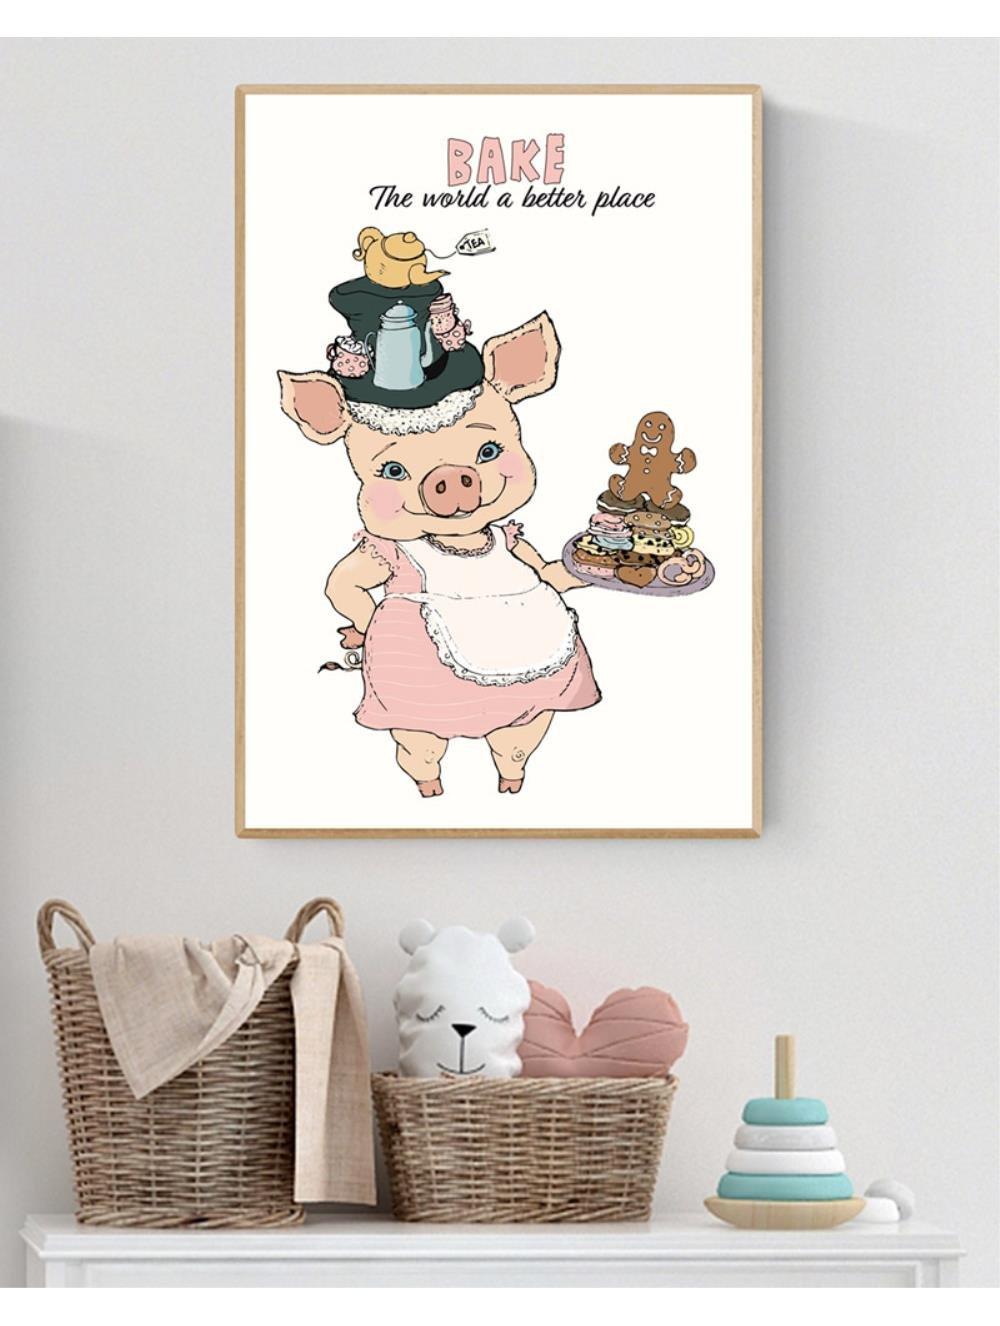 Plakat A3 - Bake the world a better place